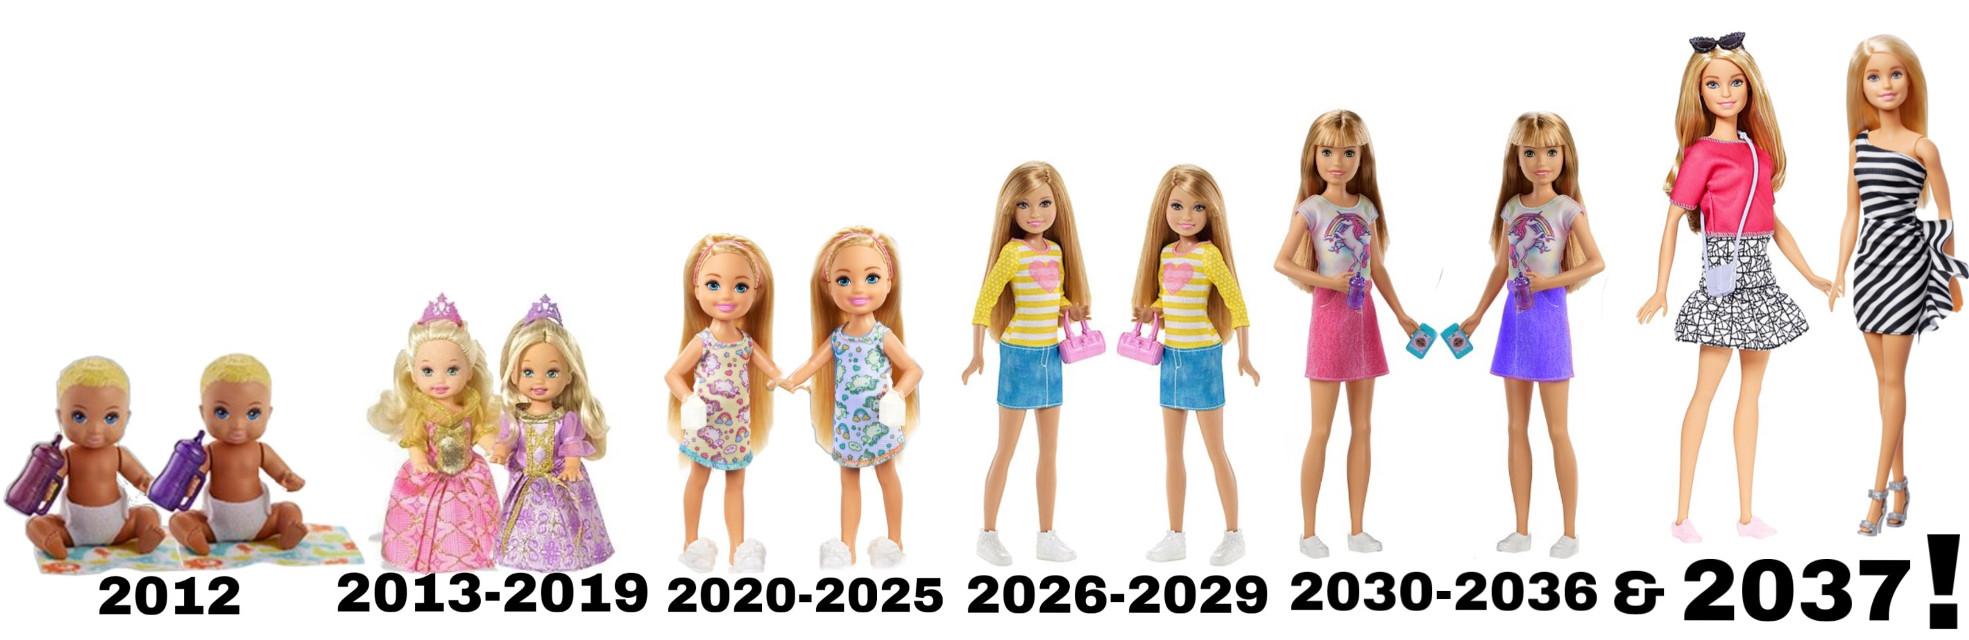 #twins #evolution #barbie Evolution of us! #timeline #freetoedit